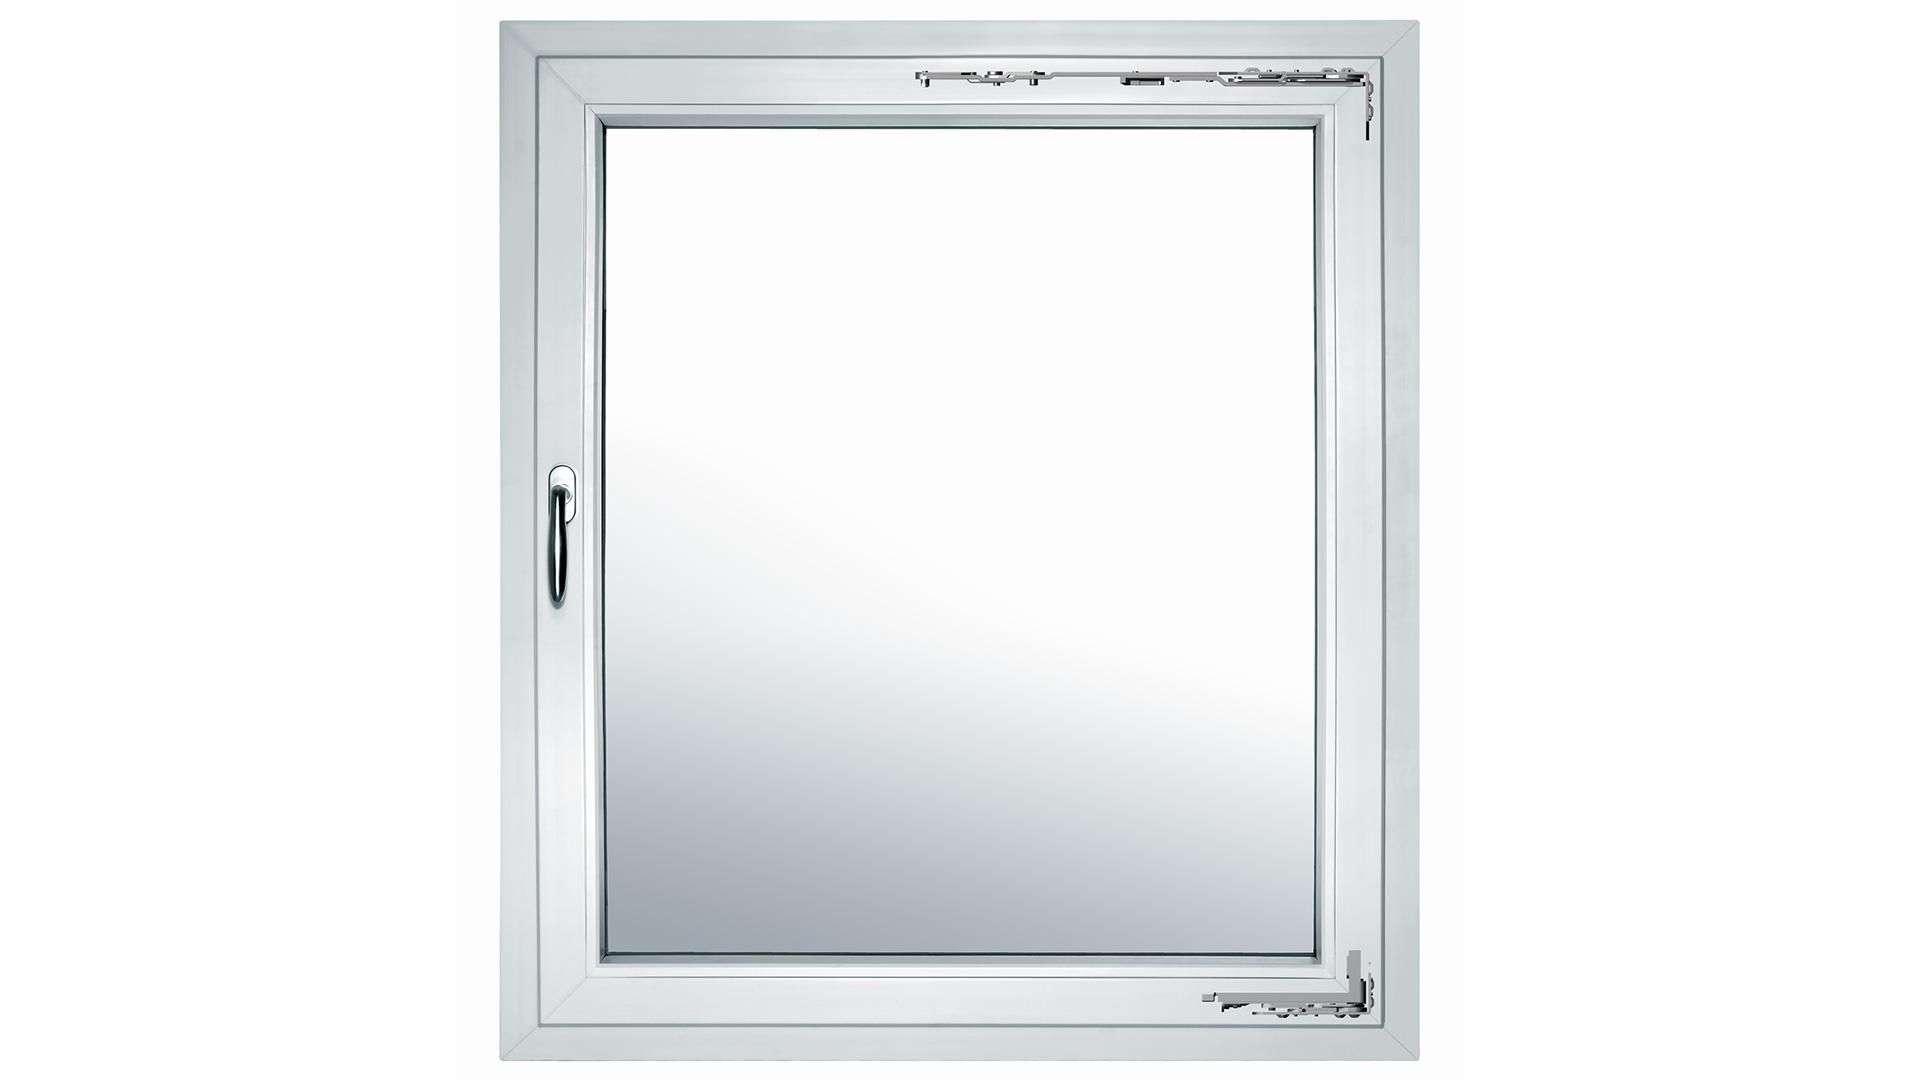 Fenster mit verdeckt liegendem Beschlag